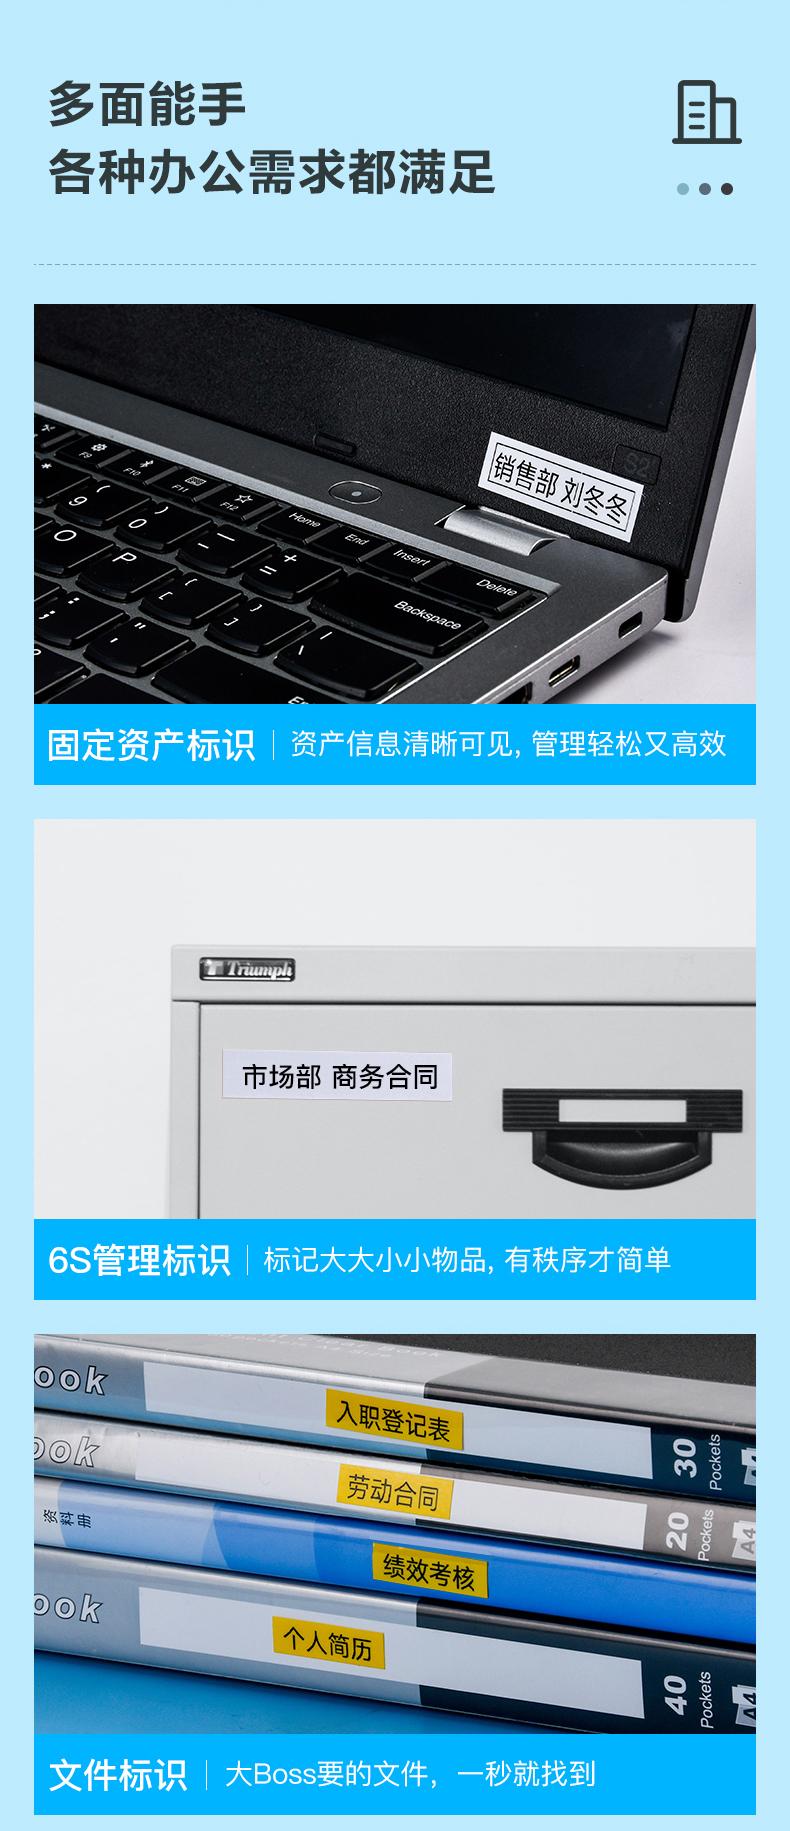 硕方办公标签打印机G10